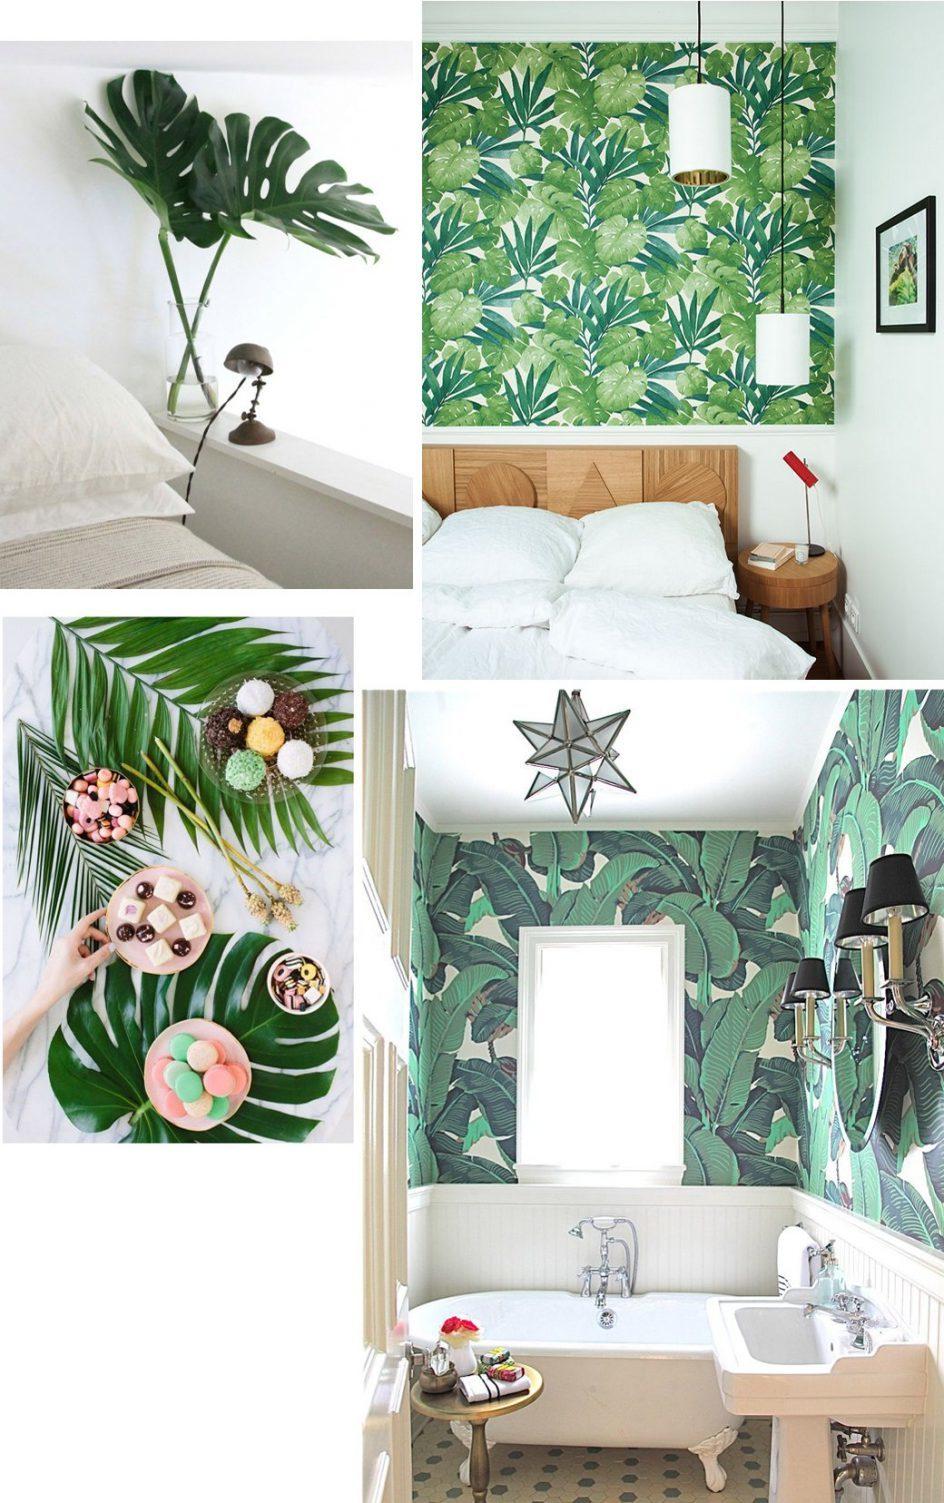 Das Zuhause wird zum Urlaubsparadies mit Tropisches Print